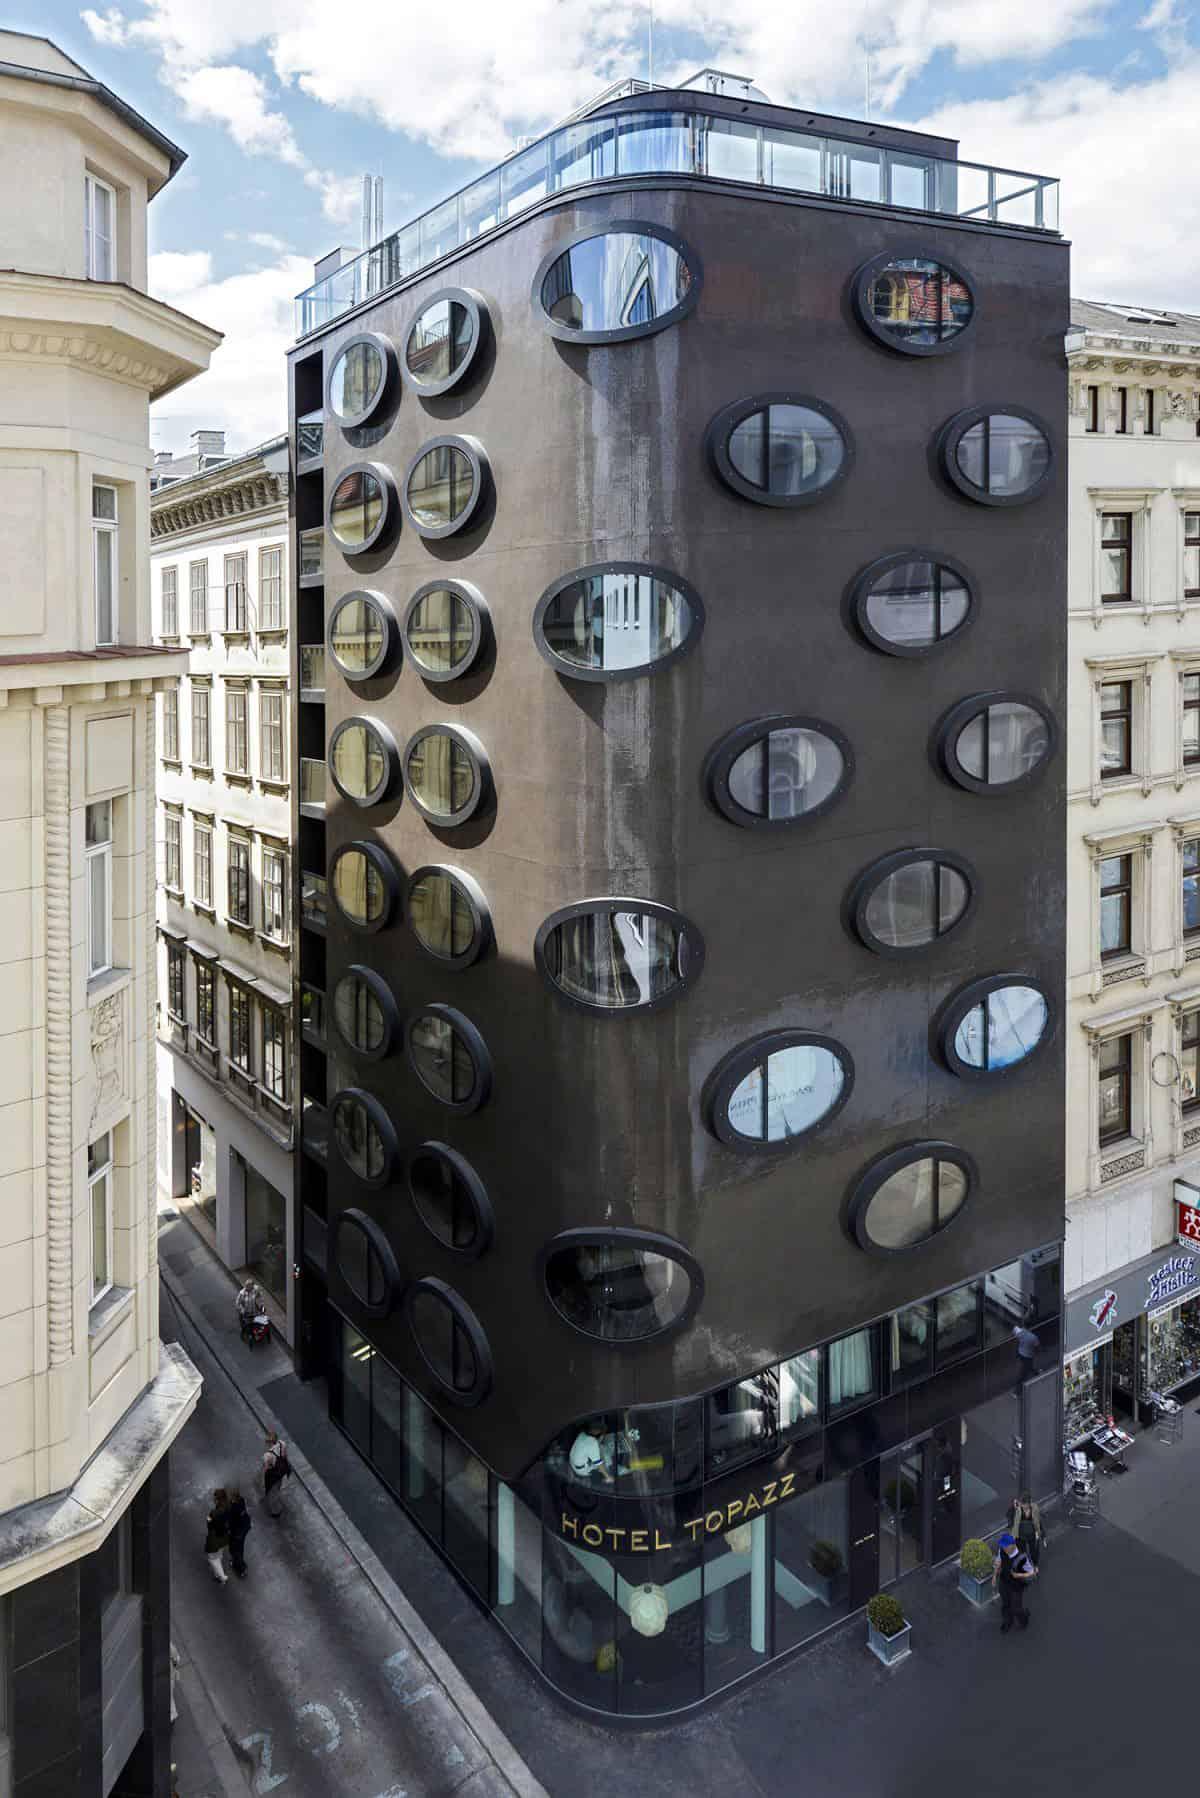 Hotel Topazz by BWM Architekten und Partner (2)